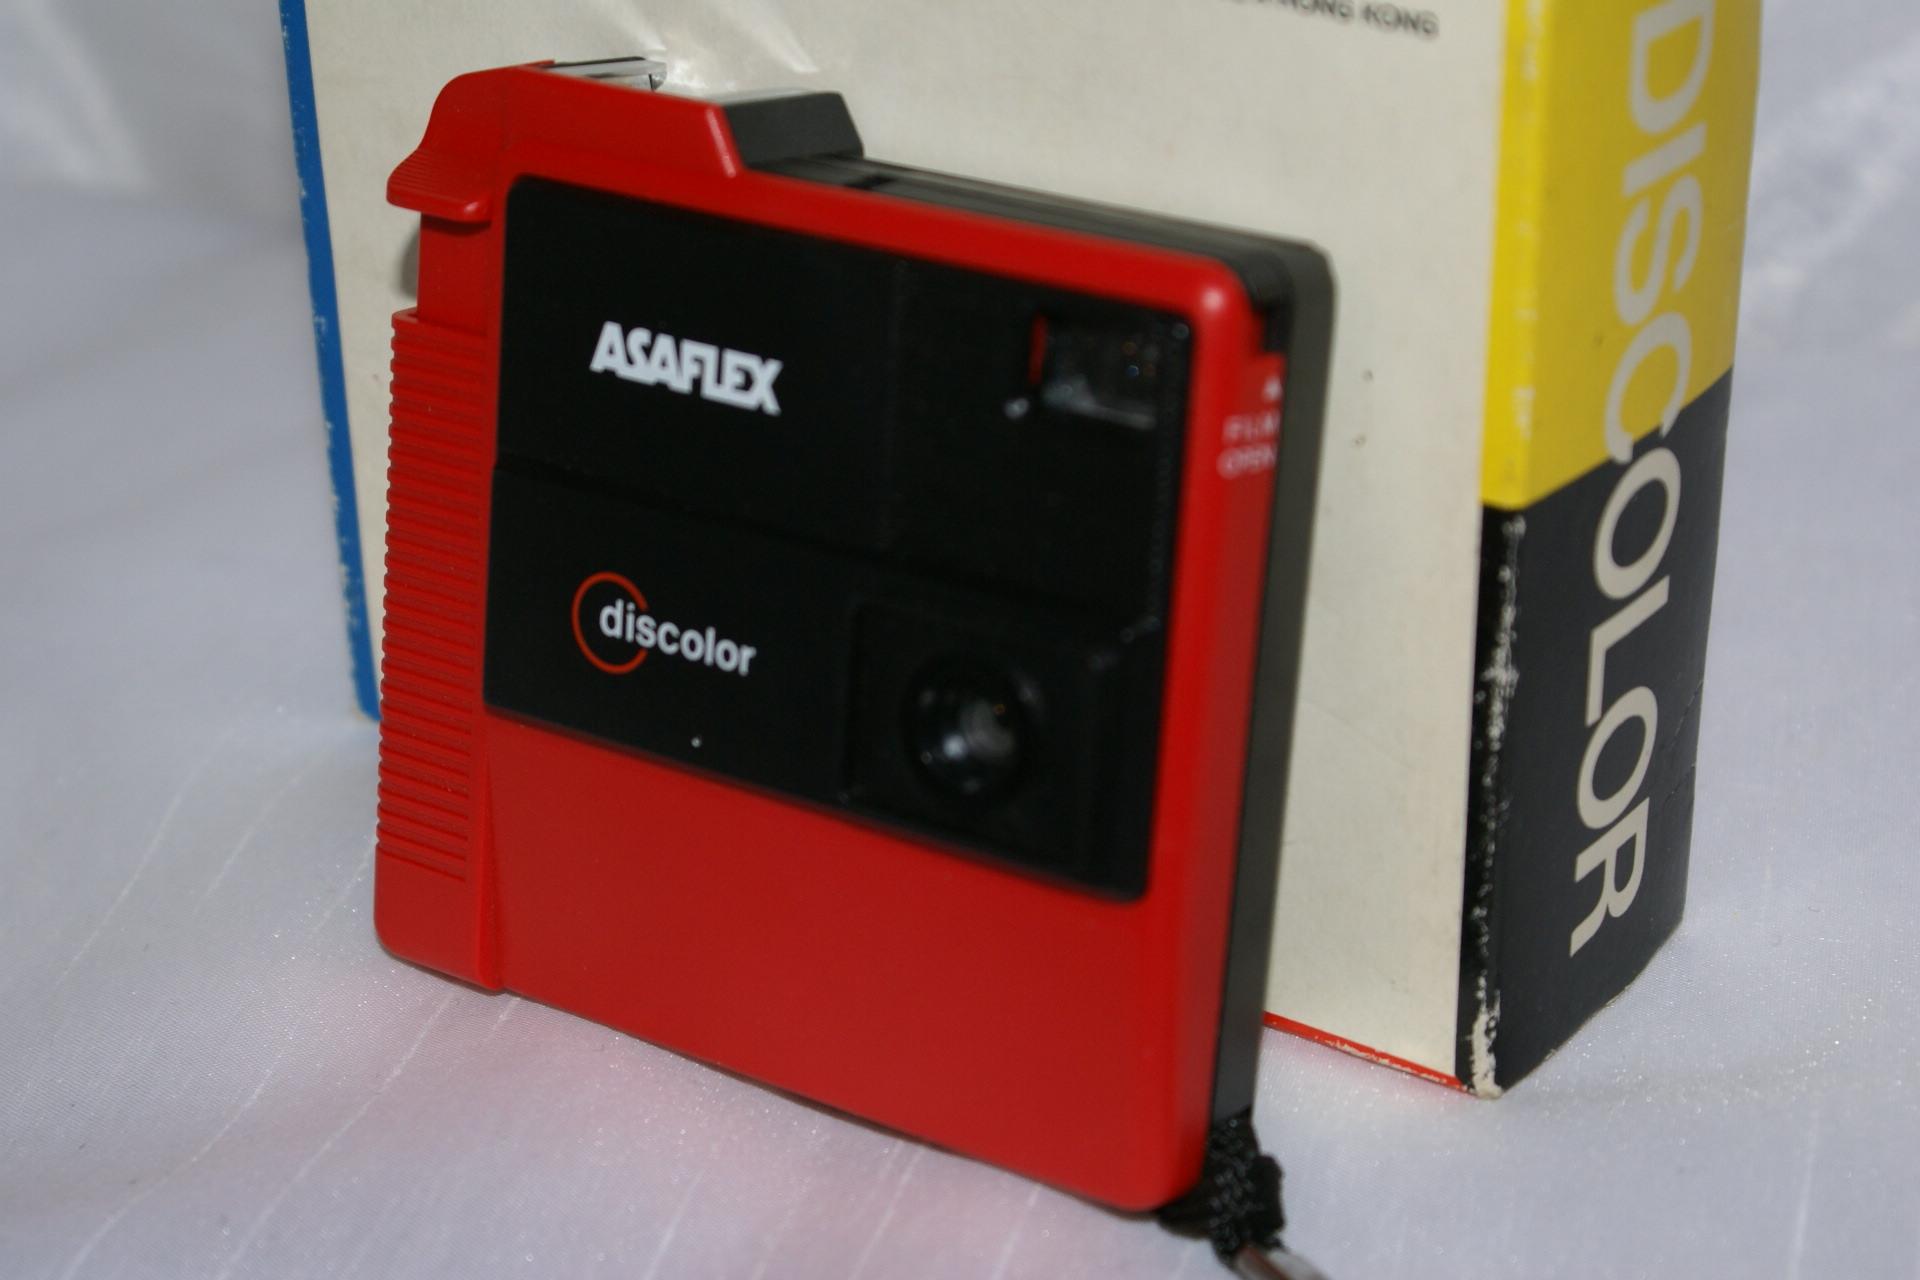 ASAFLEX DISC